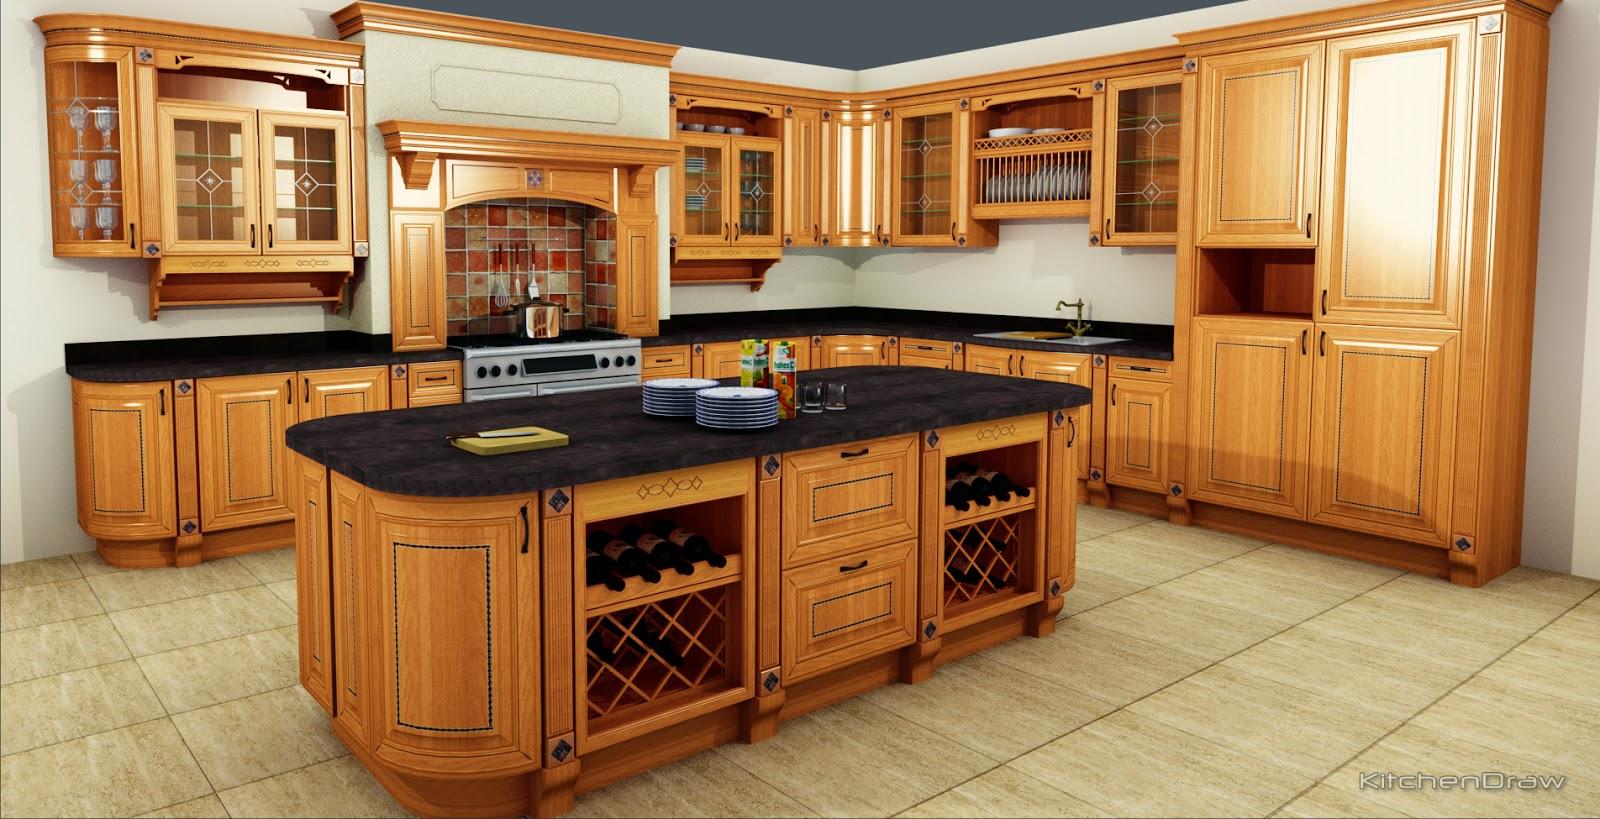 Melamiprog team up7 nuevo kitchendraw 6 5 full espa ol for Kitchendraw 6 5